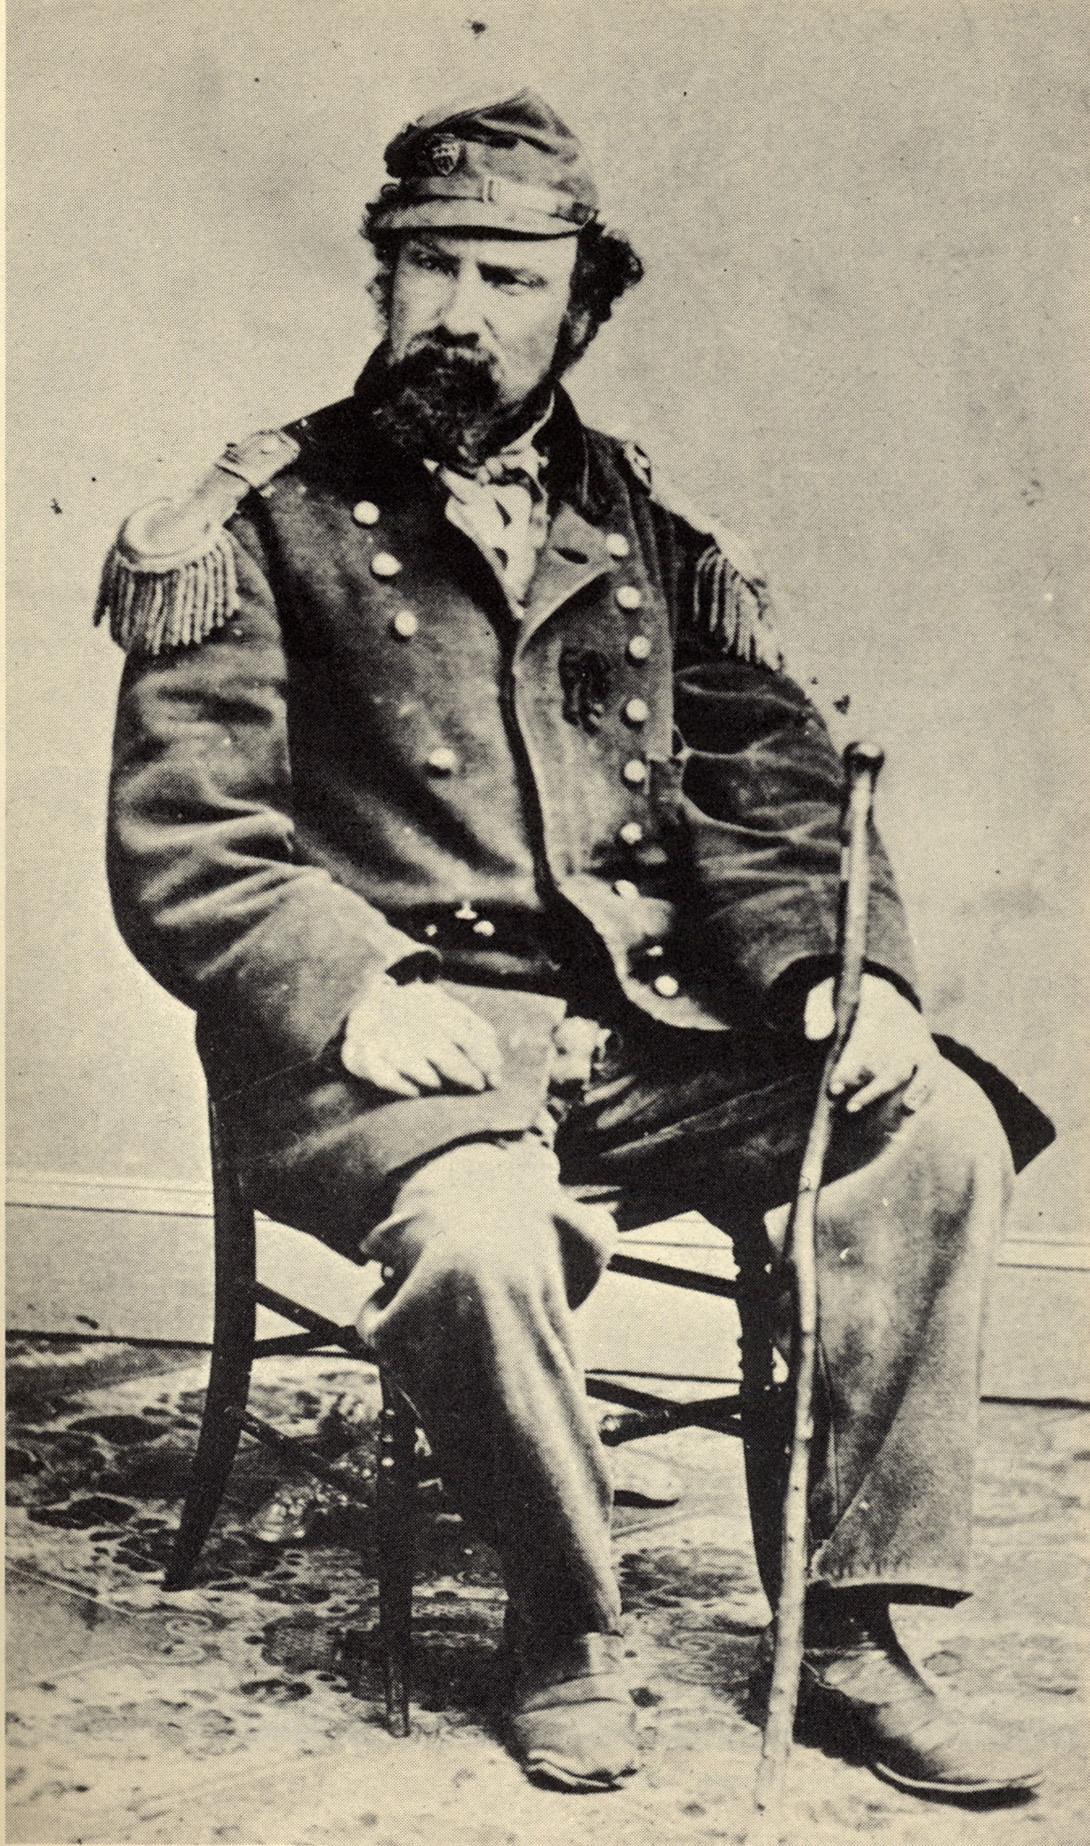 Emperor Norton in the 1860s (a)